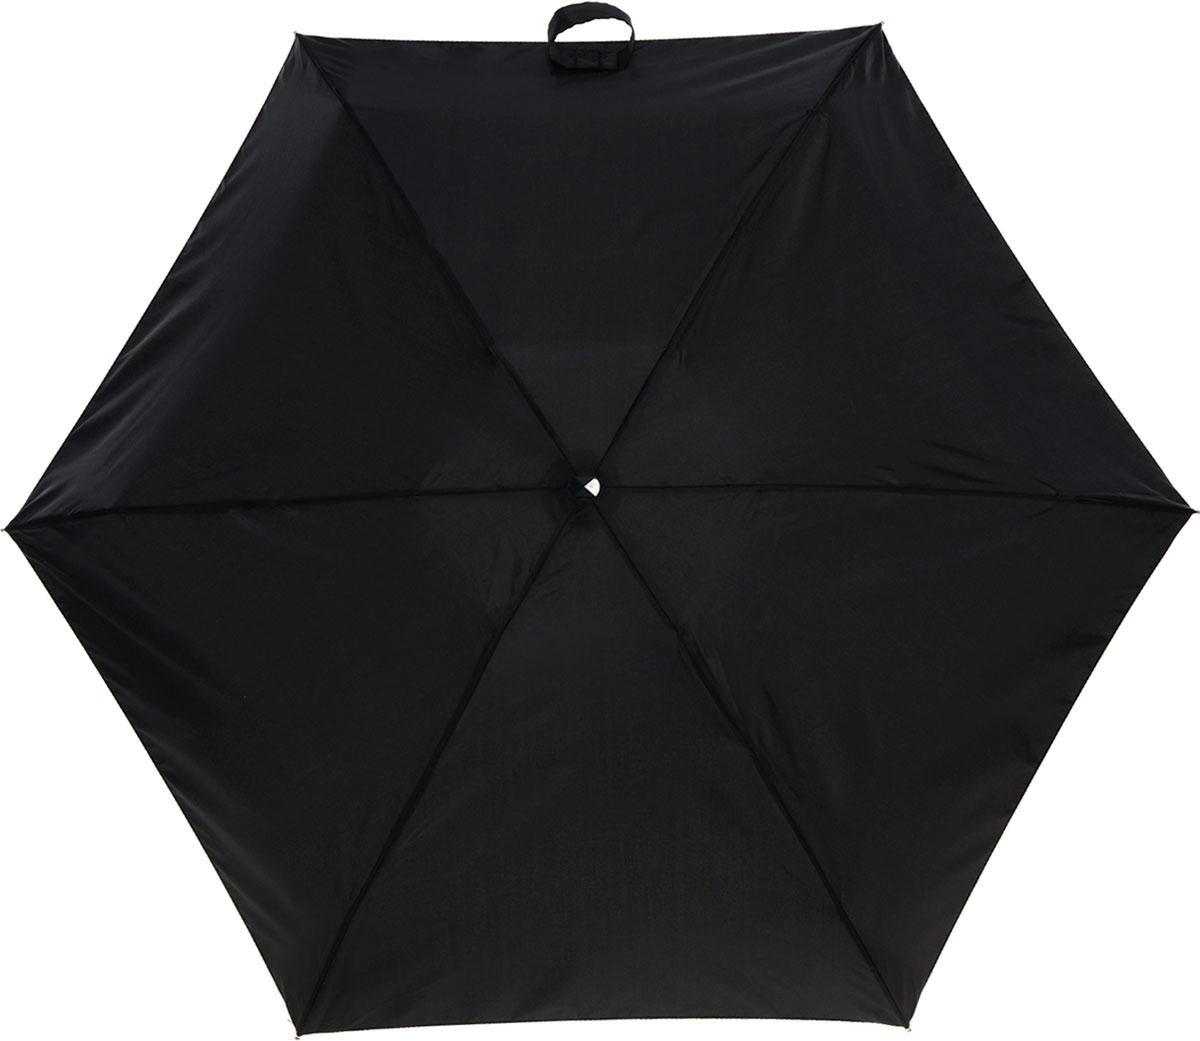 """Зонт женский Fulton, механический, 5 сложений, цвет: черныйL500 3F001Стильный сверхкомпактный зонт """"Fulton"""" защитит от непогоды, а его компактный размер позволит вам всегда носить его с собой. """"Ветростойкий"""" плоский алюминиевый каркас зонта в 5 сложений состоит из шести спиц с элементами из фибергласса, зонт оснащен удобной рукояткой из прорезиненного пластика. Купол зонта выполнен из прочного полиэстера черного цвета. На рукоятке для удобства есть небольшой шнурок, позволяющий надеть зонт на руку тогда, когда это будет необходимо. К зонту прилагается чехол. Зонт механического сложения: купол открывается и закрывается вручную, стержень также складывается вручную до характерного щелчка. Характеристики: Материал: алюминий, фибергласс, пластик, полиэстер. Цвет: черный. Диаметр купола: 87 см. Длина зонта в сложенном виде: 15 см. Длина ручки (стержня) в раскрытом виде: 50 см. Вес: 158 г. Артикул: L500 3F001."""